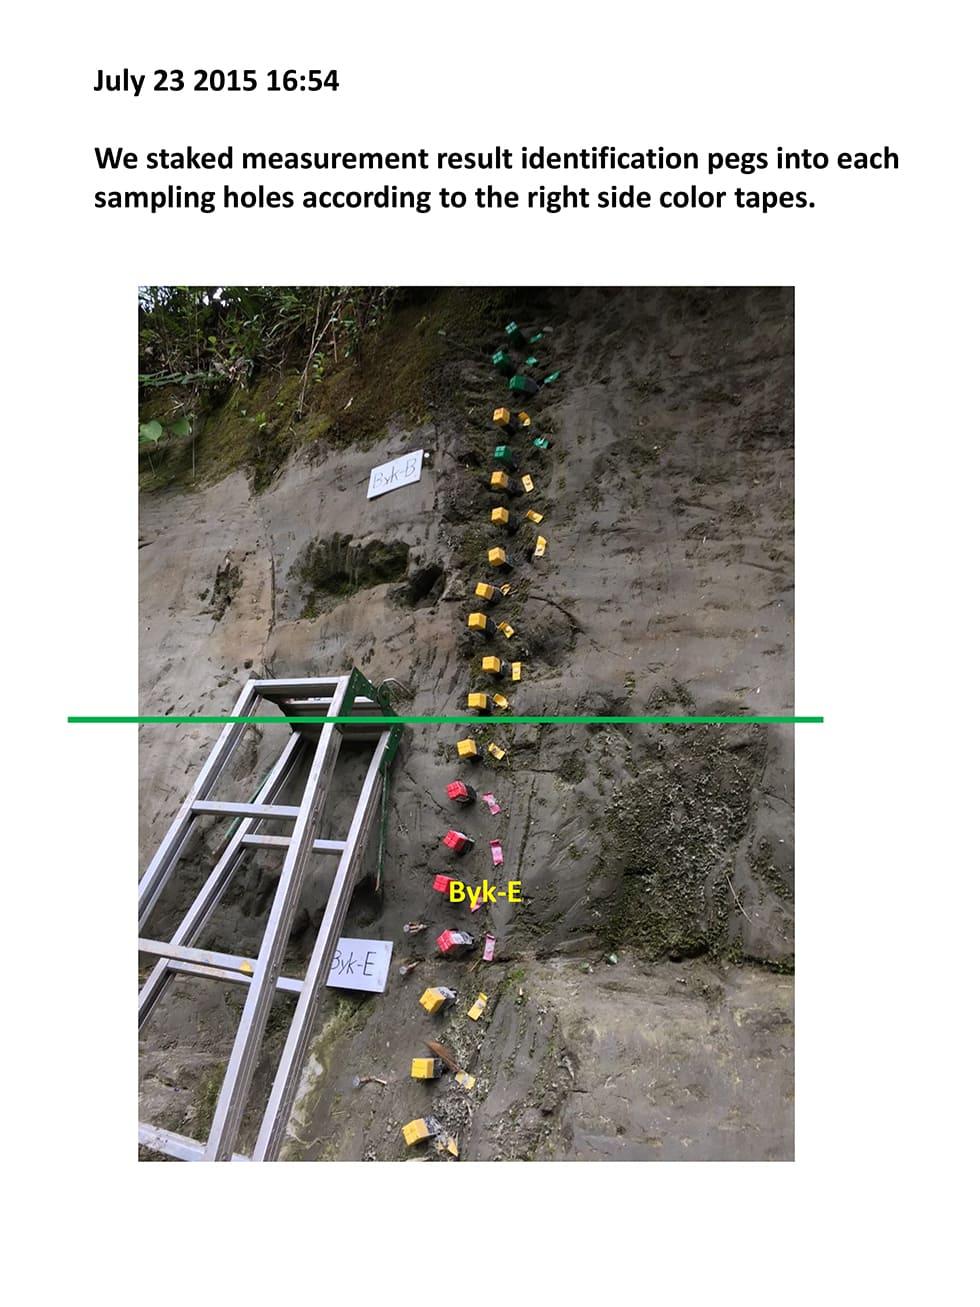 2015年7月23日 16時54分 測定結果の色別表示杭(赤:逆磁極点、黄:磁化方位不安定点、緑:正磁極点)。 右の色テープに沿って、試料採取孔に色別表示杭の打ち込みを行った。 左写真の緑線より上の色別表示杭のデータが1.7km離れた柳川セクションの測定結果であることを後日知る事になる。